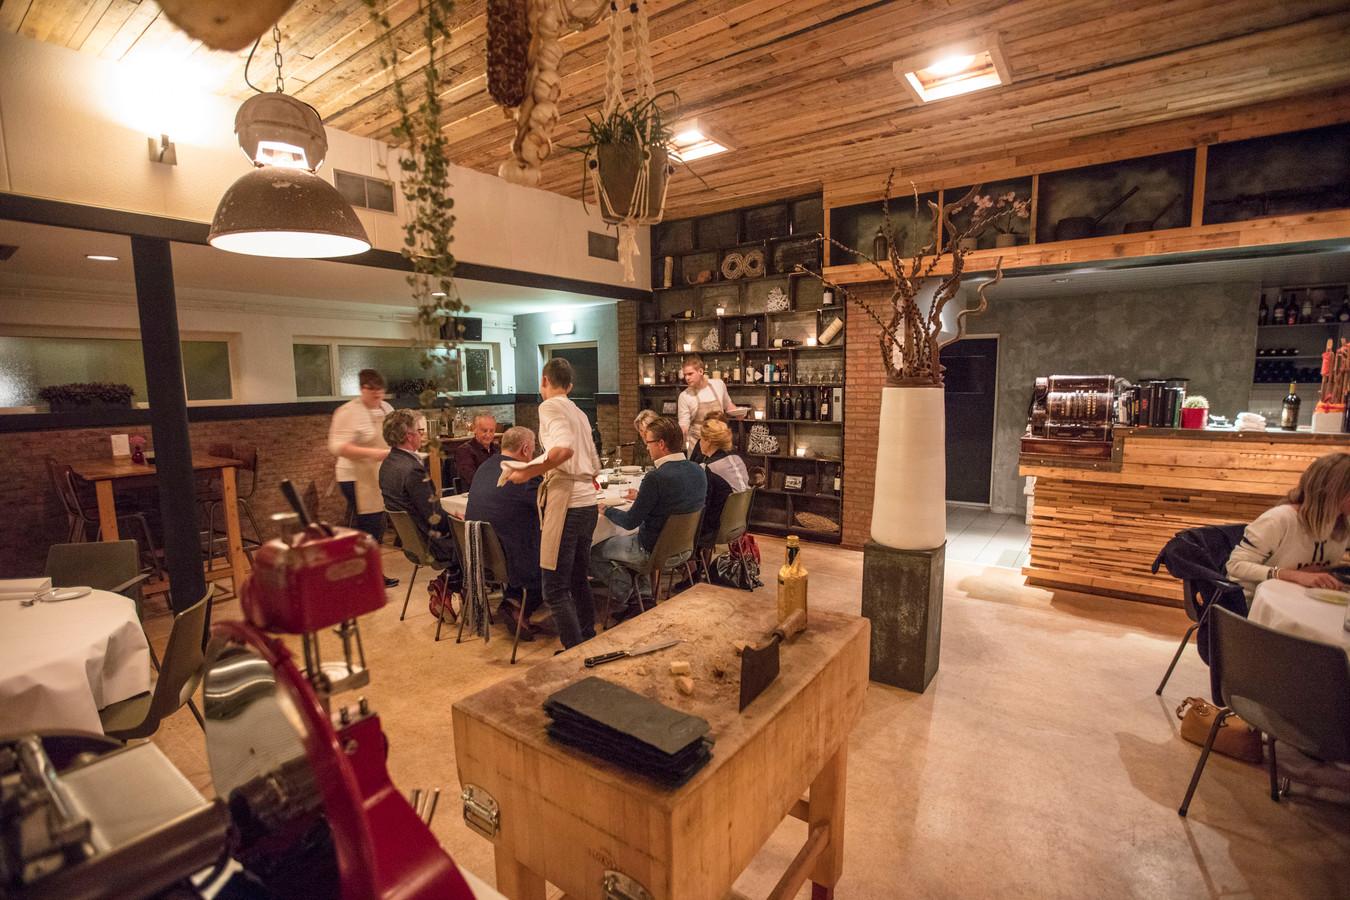 Bij restaurant de Wilg in de Mortel dineer je in een oud schoolgebouw. Met in het midden een groot hakblok.